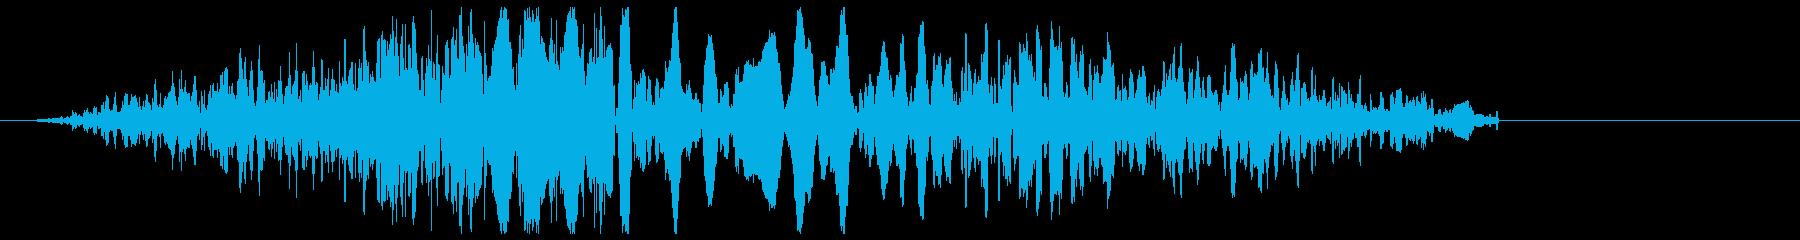 ザシュッと刀で人を切った時の音の再生済みの波形